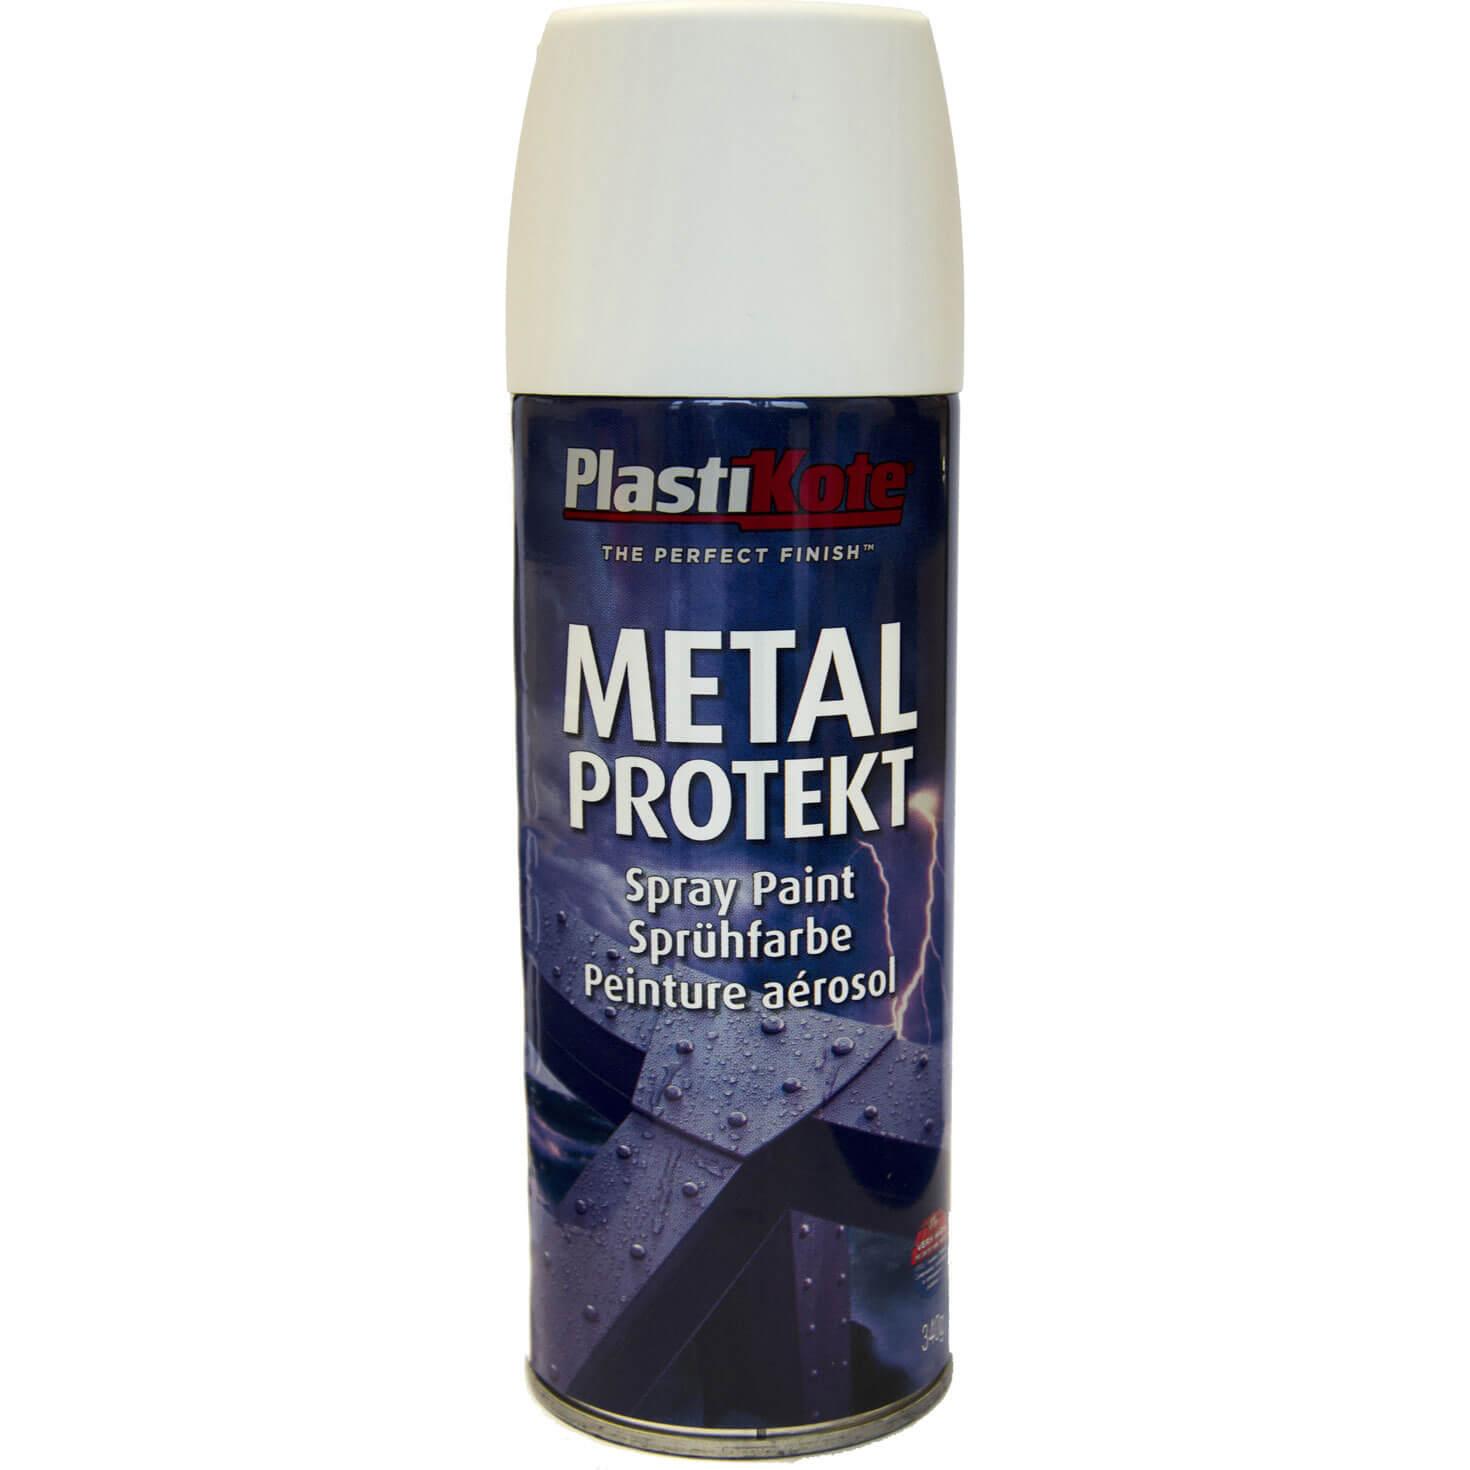 Plastikote Metal Protekt Aerosol Spray Paint Satin White 400ml